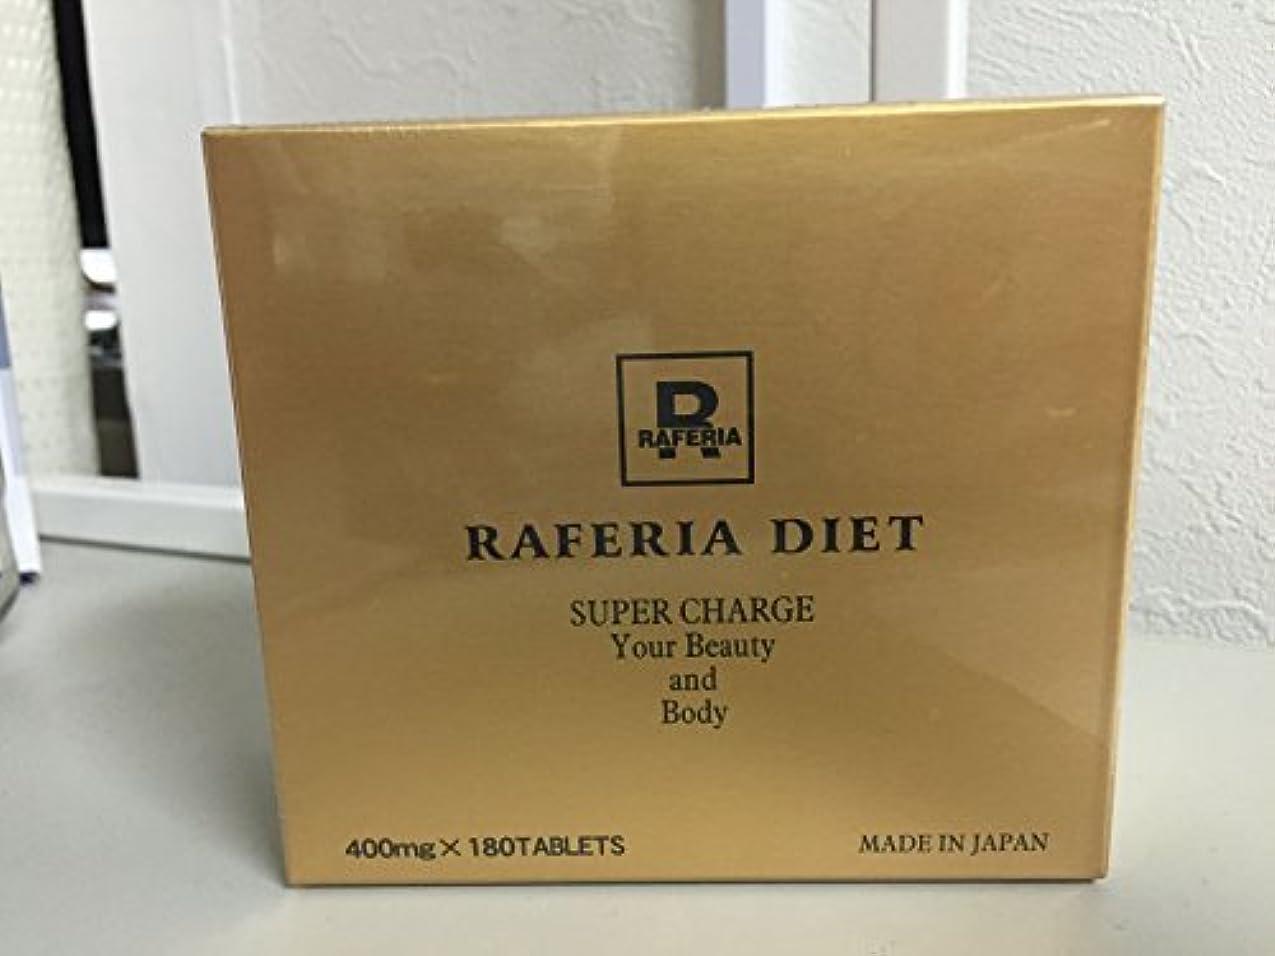 線形してはいけませんトレースRAFERIA DIET ラフェリア ダイエット